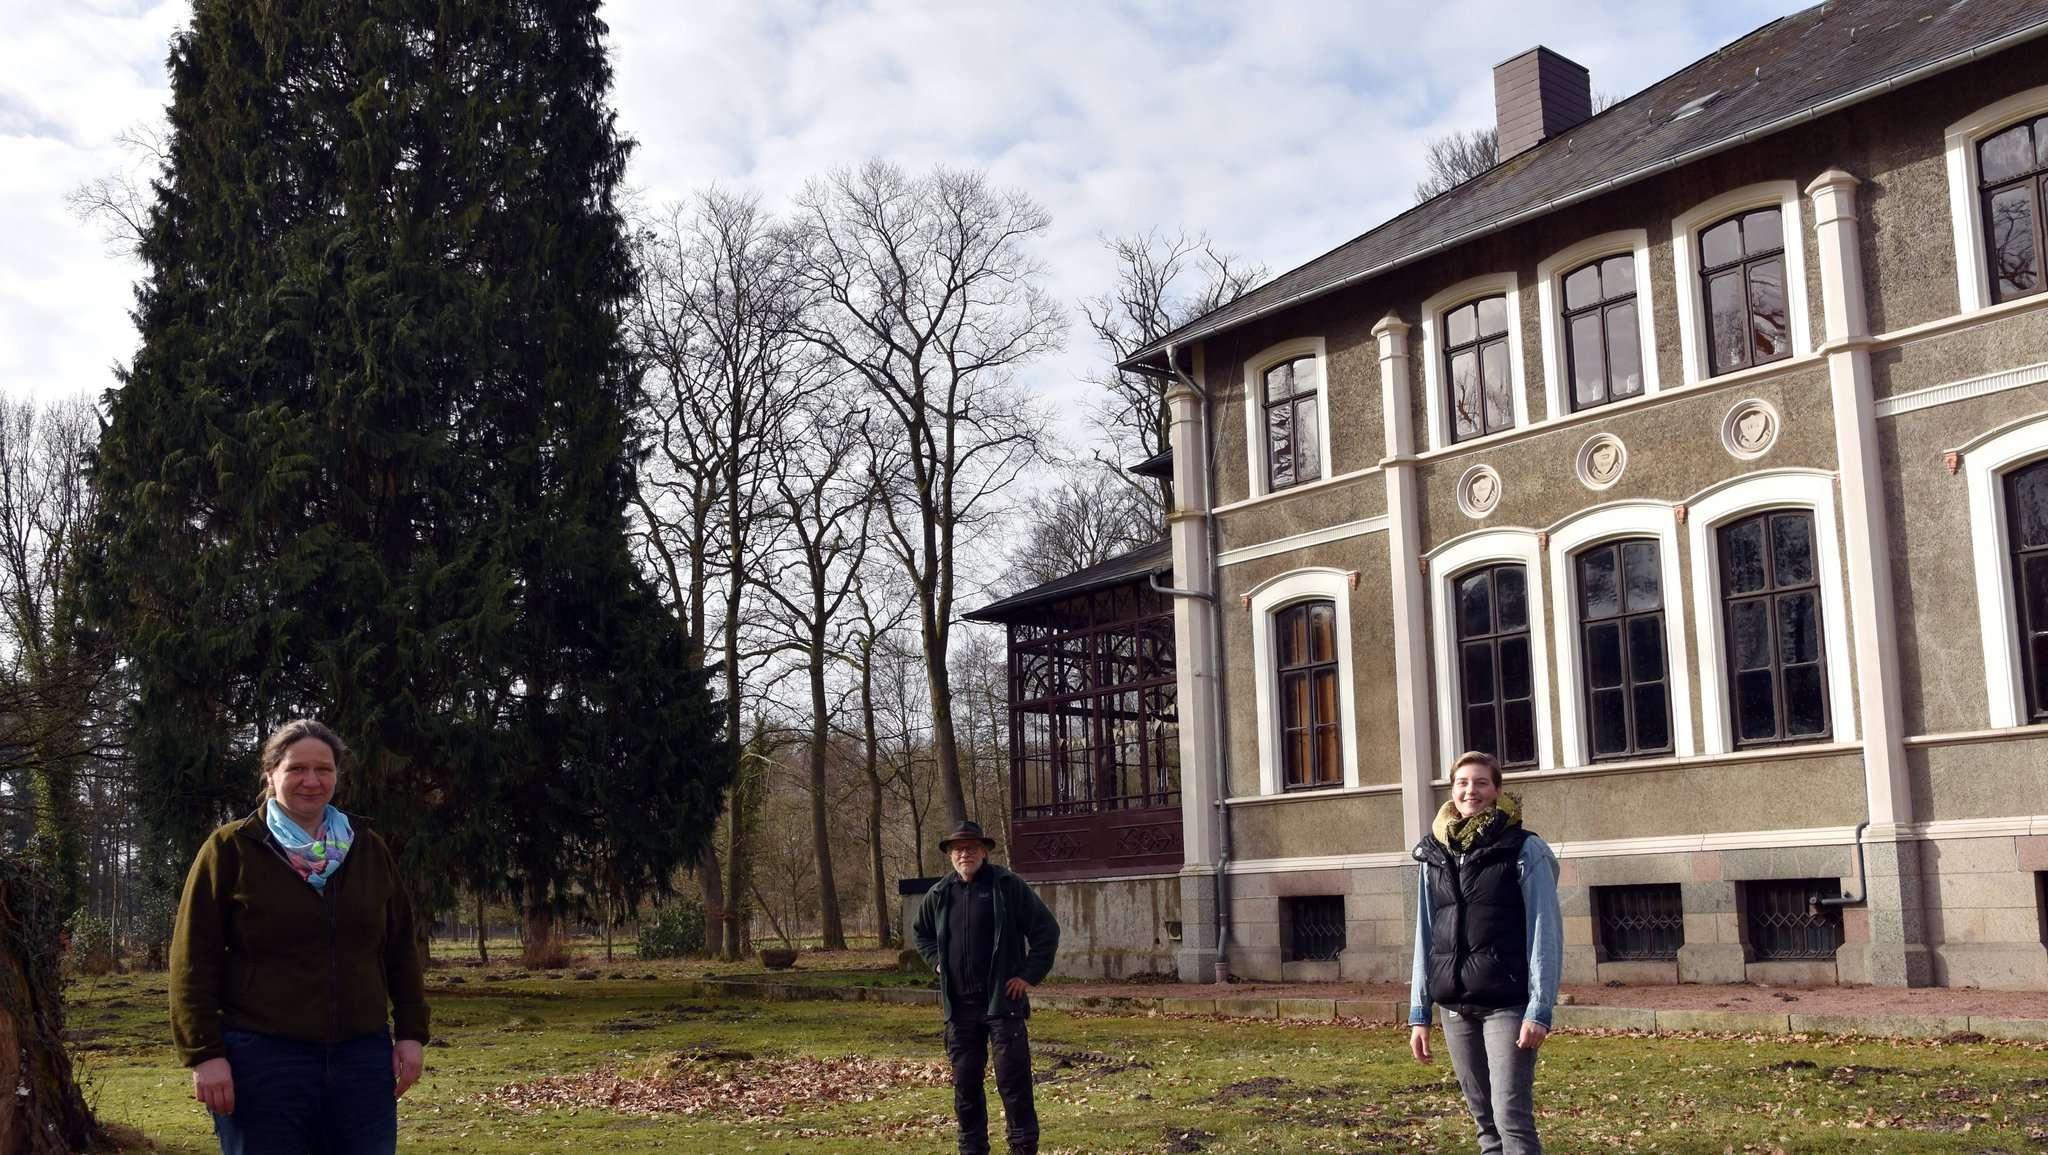 Friederike Bock, zuständige Dezernentin der Klosterkammer (von links), Clemens Heidger, Hannah Wedemeyer vom Klostergut-Team freue sich über die gelungene Arbeit. Fotos: Heidrun Meyer